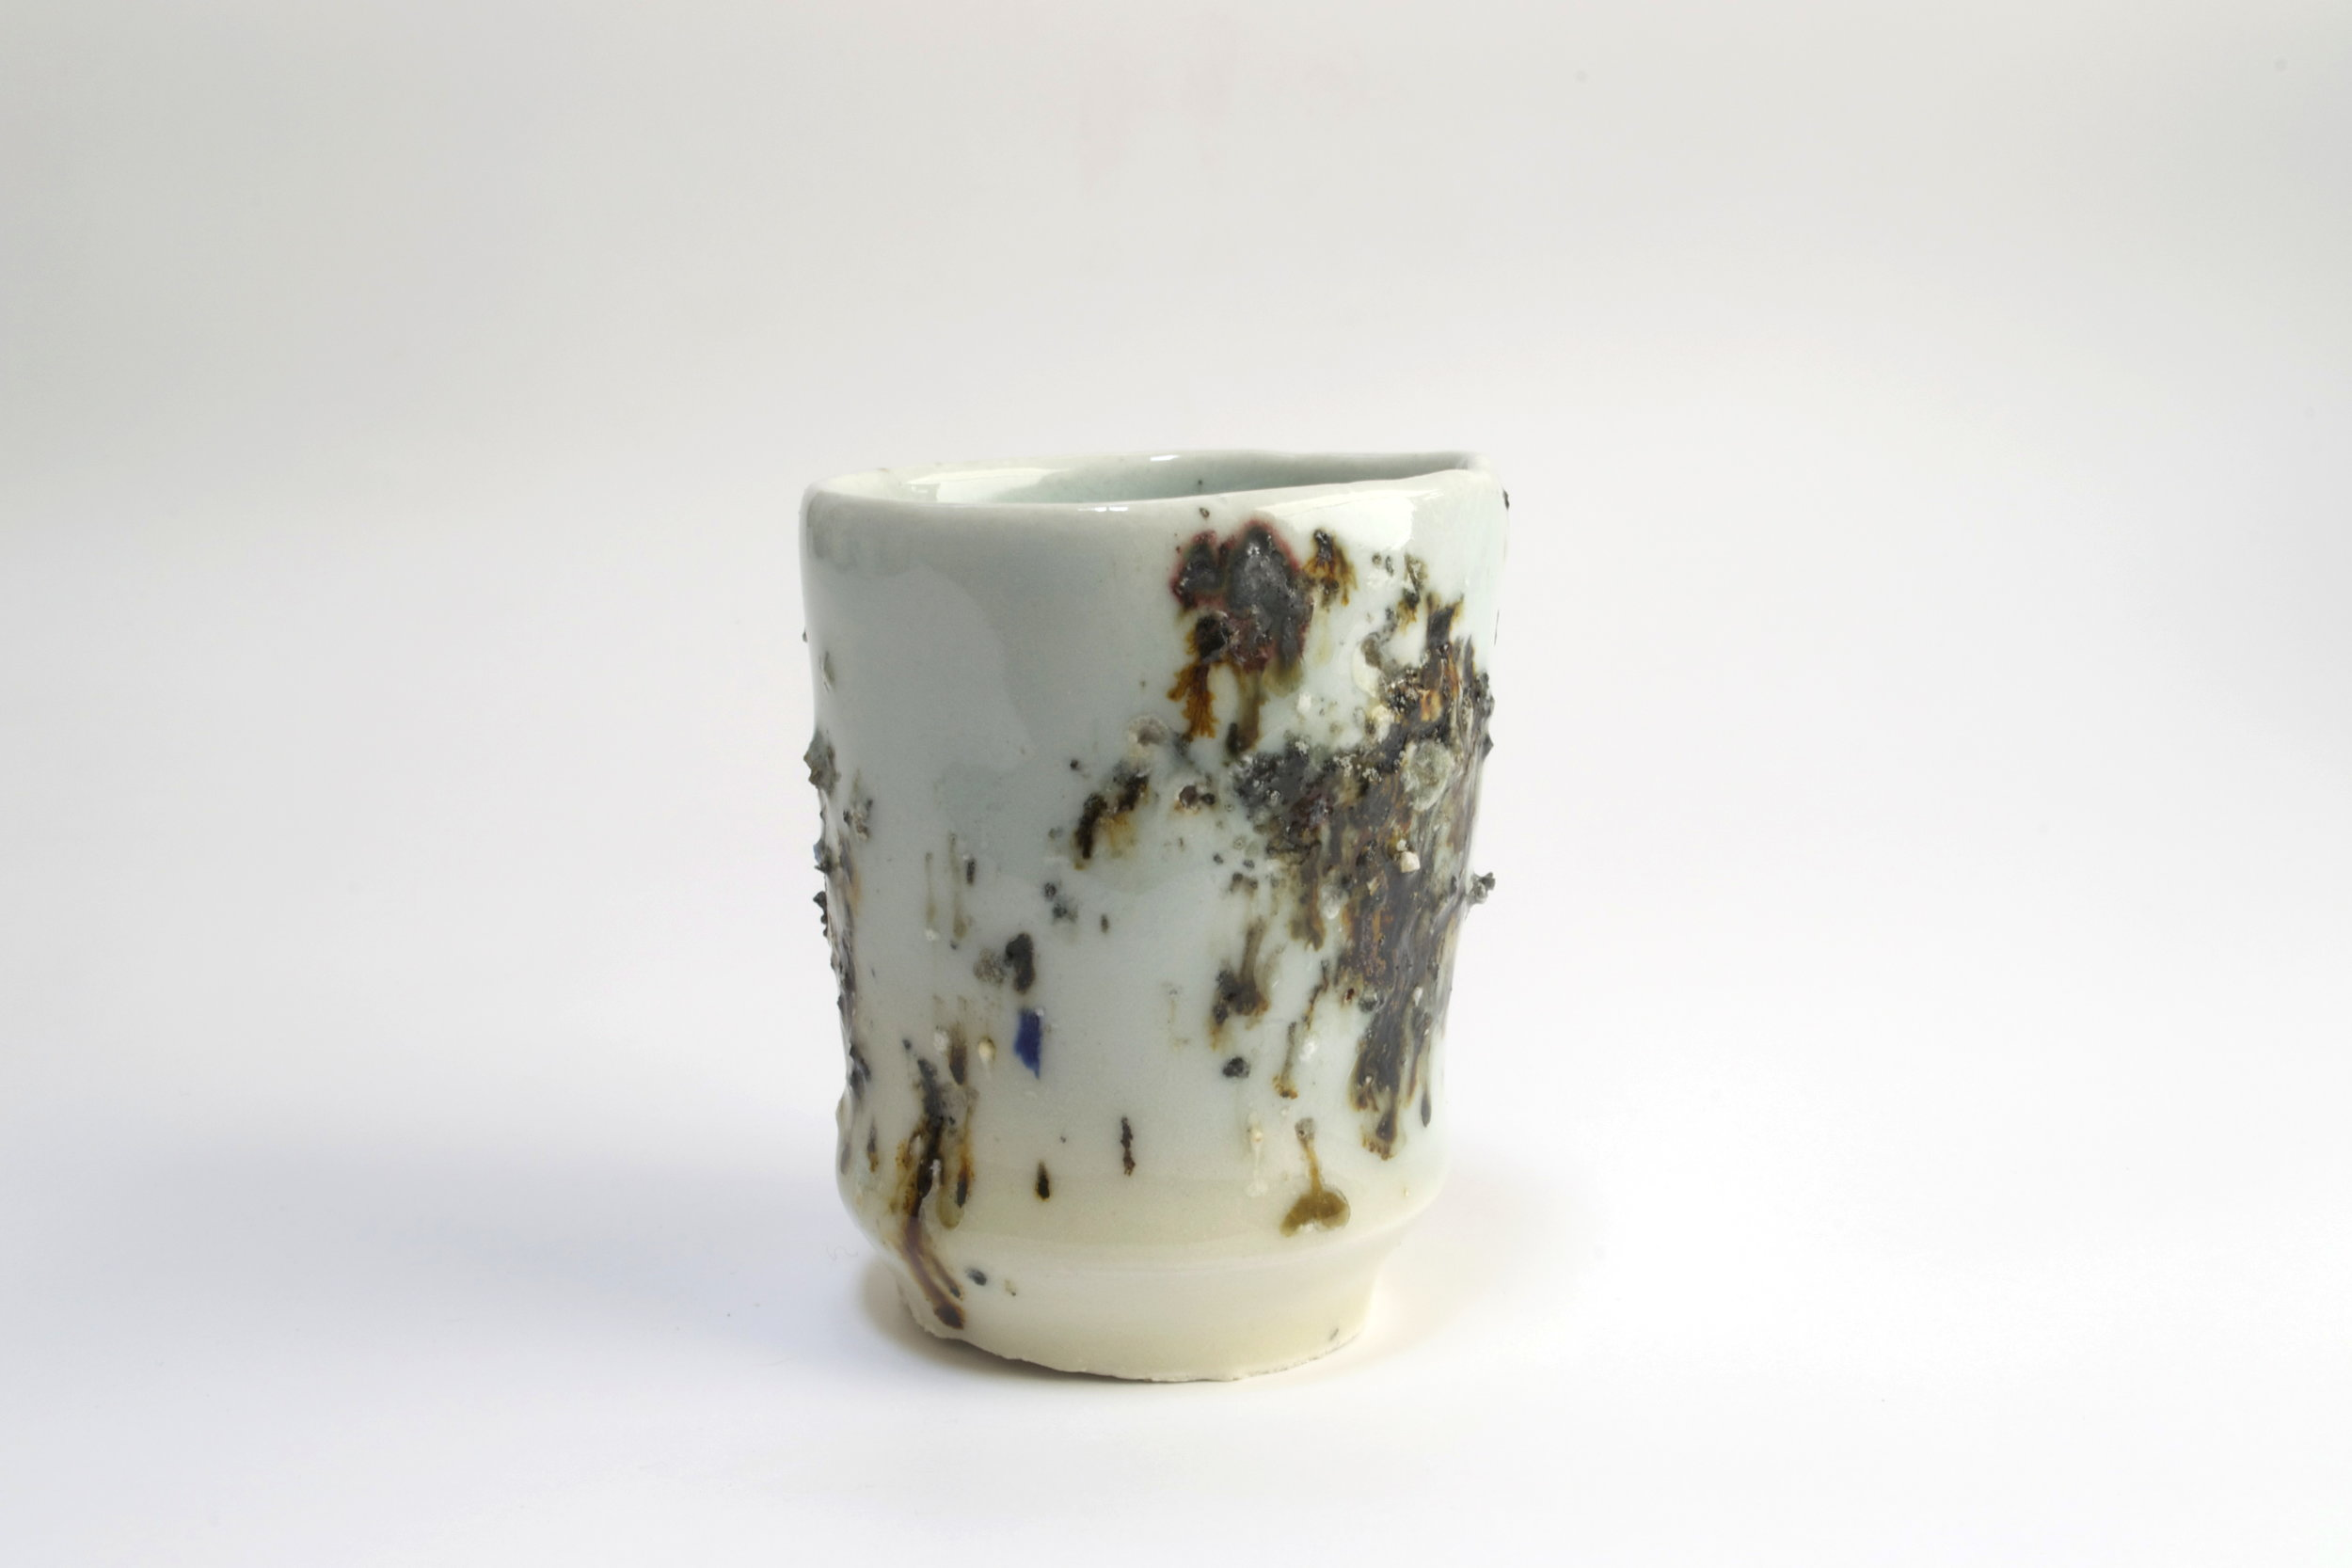 ABOVE: porcelain cup glazed with trash incinerator ash, 2016